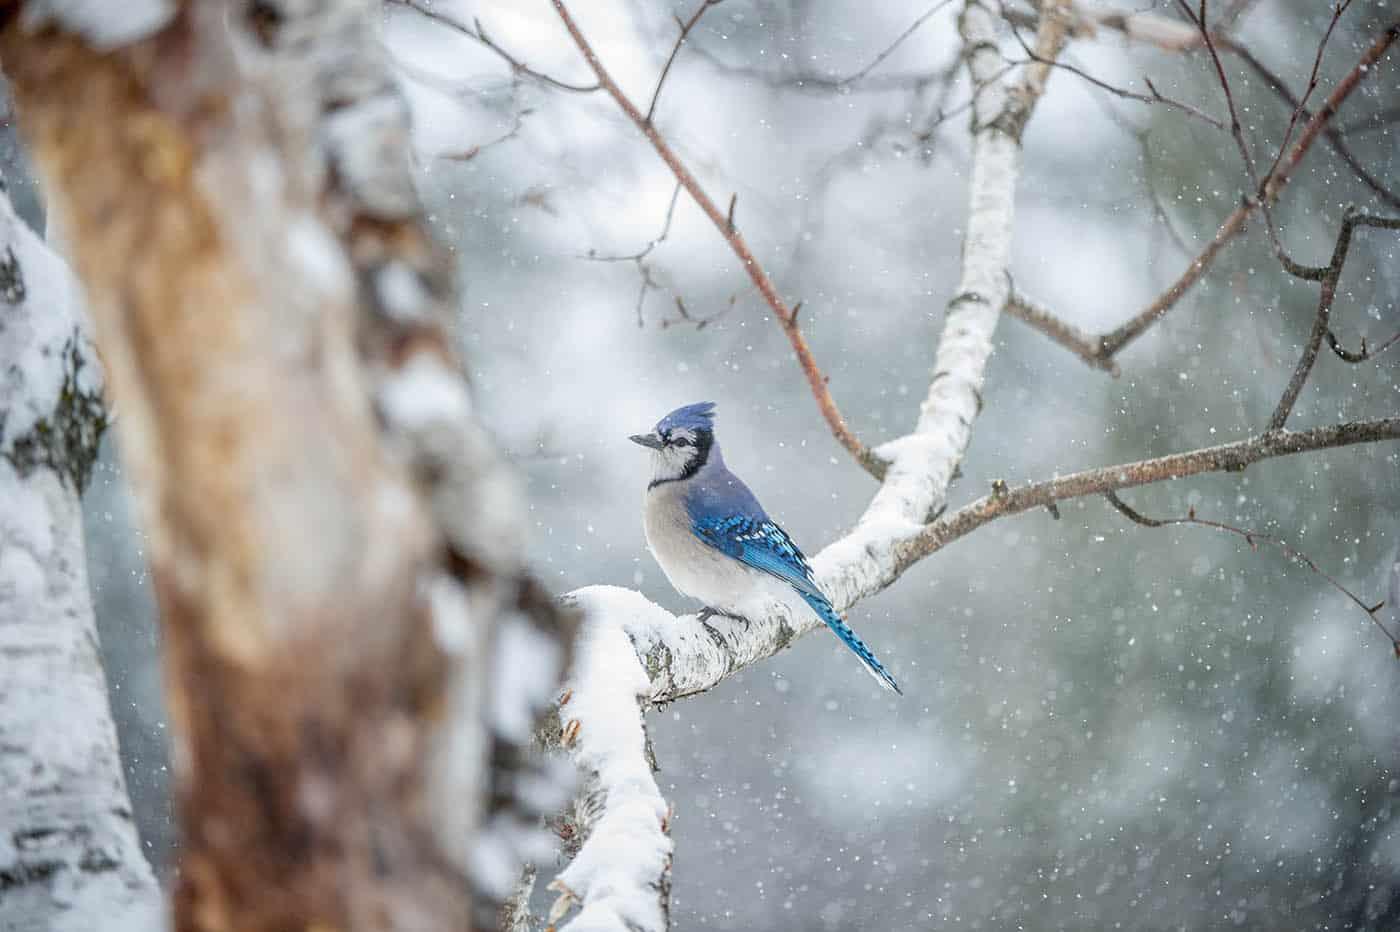 Snowy Jay - Bill Maynard